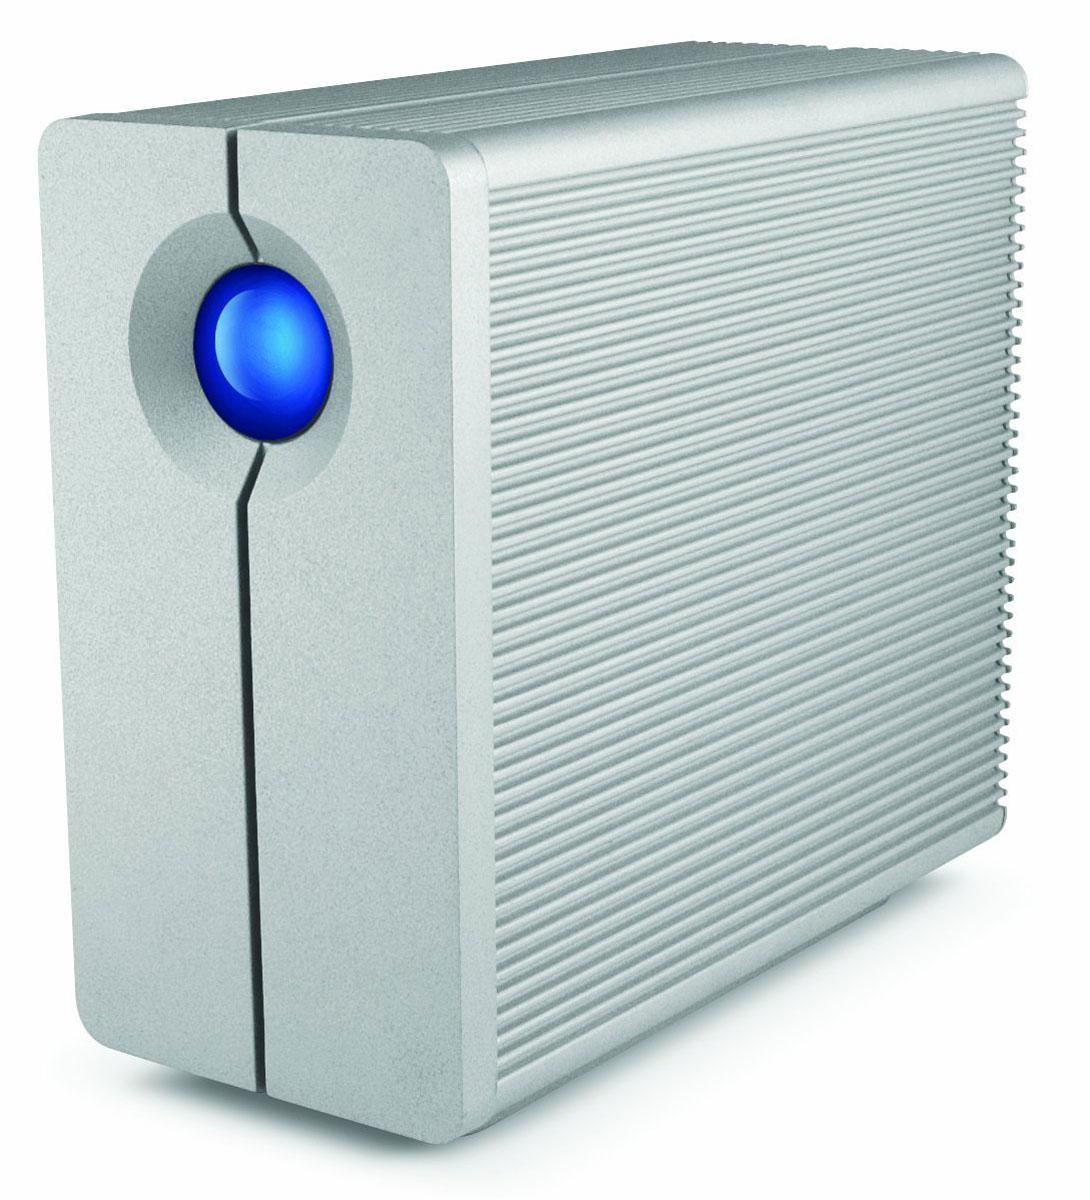 LaCie 2big Quadra 10TB сетевое хранилищеLAC9000495LaCie 2big Quadra представляет собой внешний стационарный накопитель, позволяющий обеспечить надежное хранение большого объема данных, быстрый доступ к ним посредством подключения с любого компьютера, ноутбука или другого устройства. Накопитель был разработан полностью с нуля и отвечает самым высоким требованиям современности. Так, он оборудован портом USB 3.0, обеспечивающим скорость передачи данных до 5 Гбит/с, а также двумя разъемами FireWire 800. Сетевой накопитель оборудован еще более продвинутой системой охлаждения, которая стала на 50% тише, чем в предыдущем поколении устройства, эффективность работы которой также значительно возросла. LLaCie 2big Quadra - это идеальное решение для резервного копирования, создания различного цифрового контента, редактирования видео и аудио, а также других задач, требующих скоростного обмена данными.